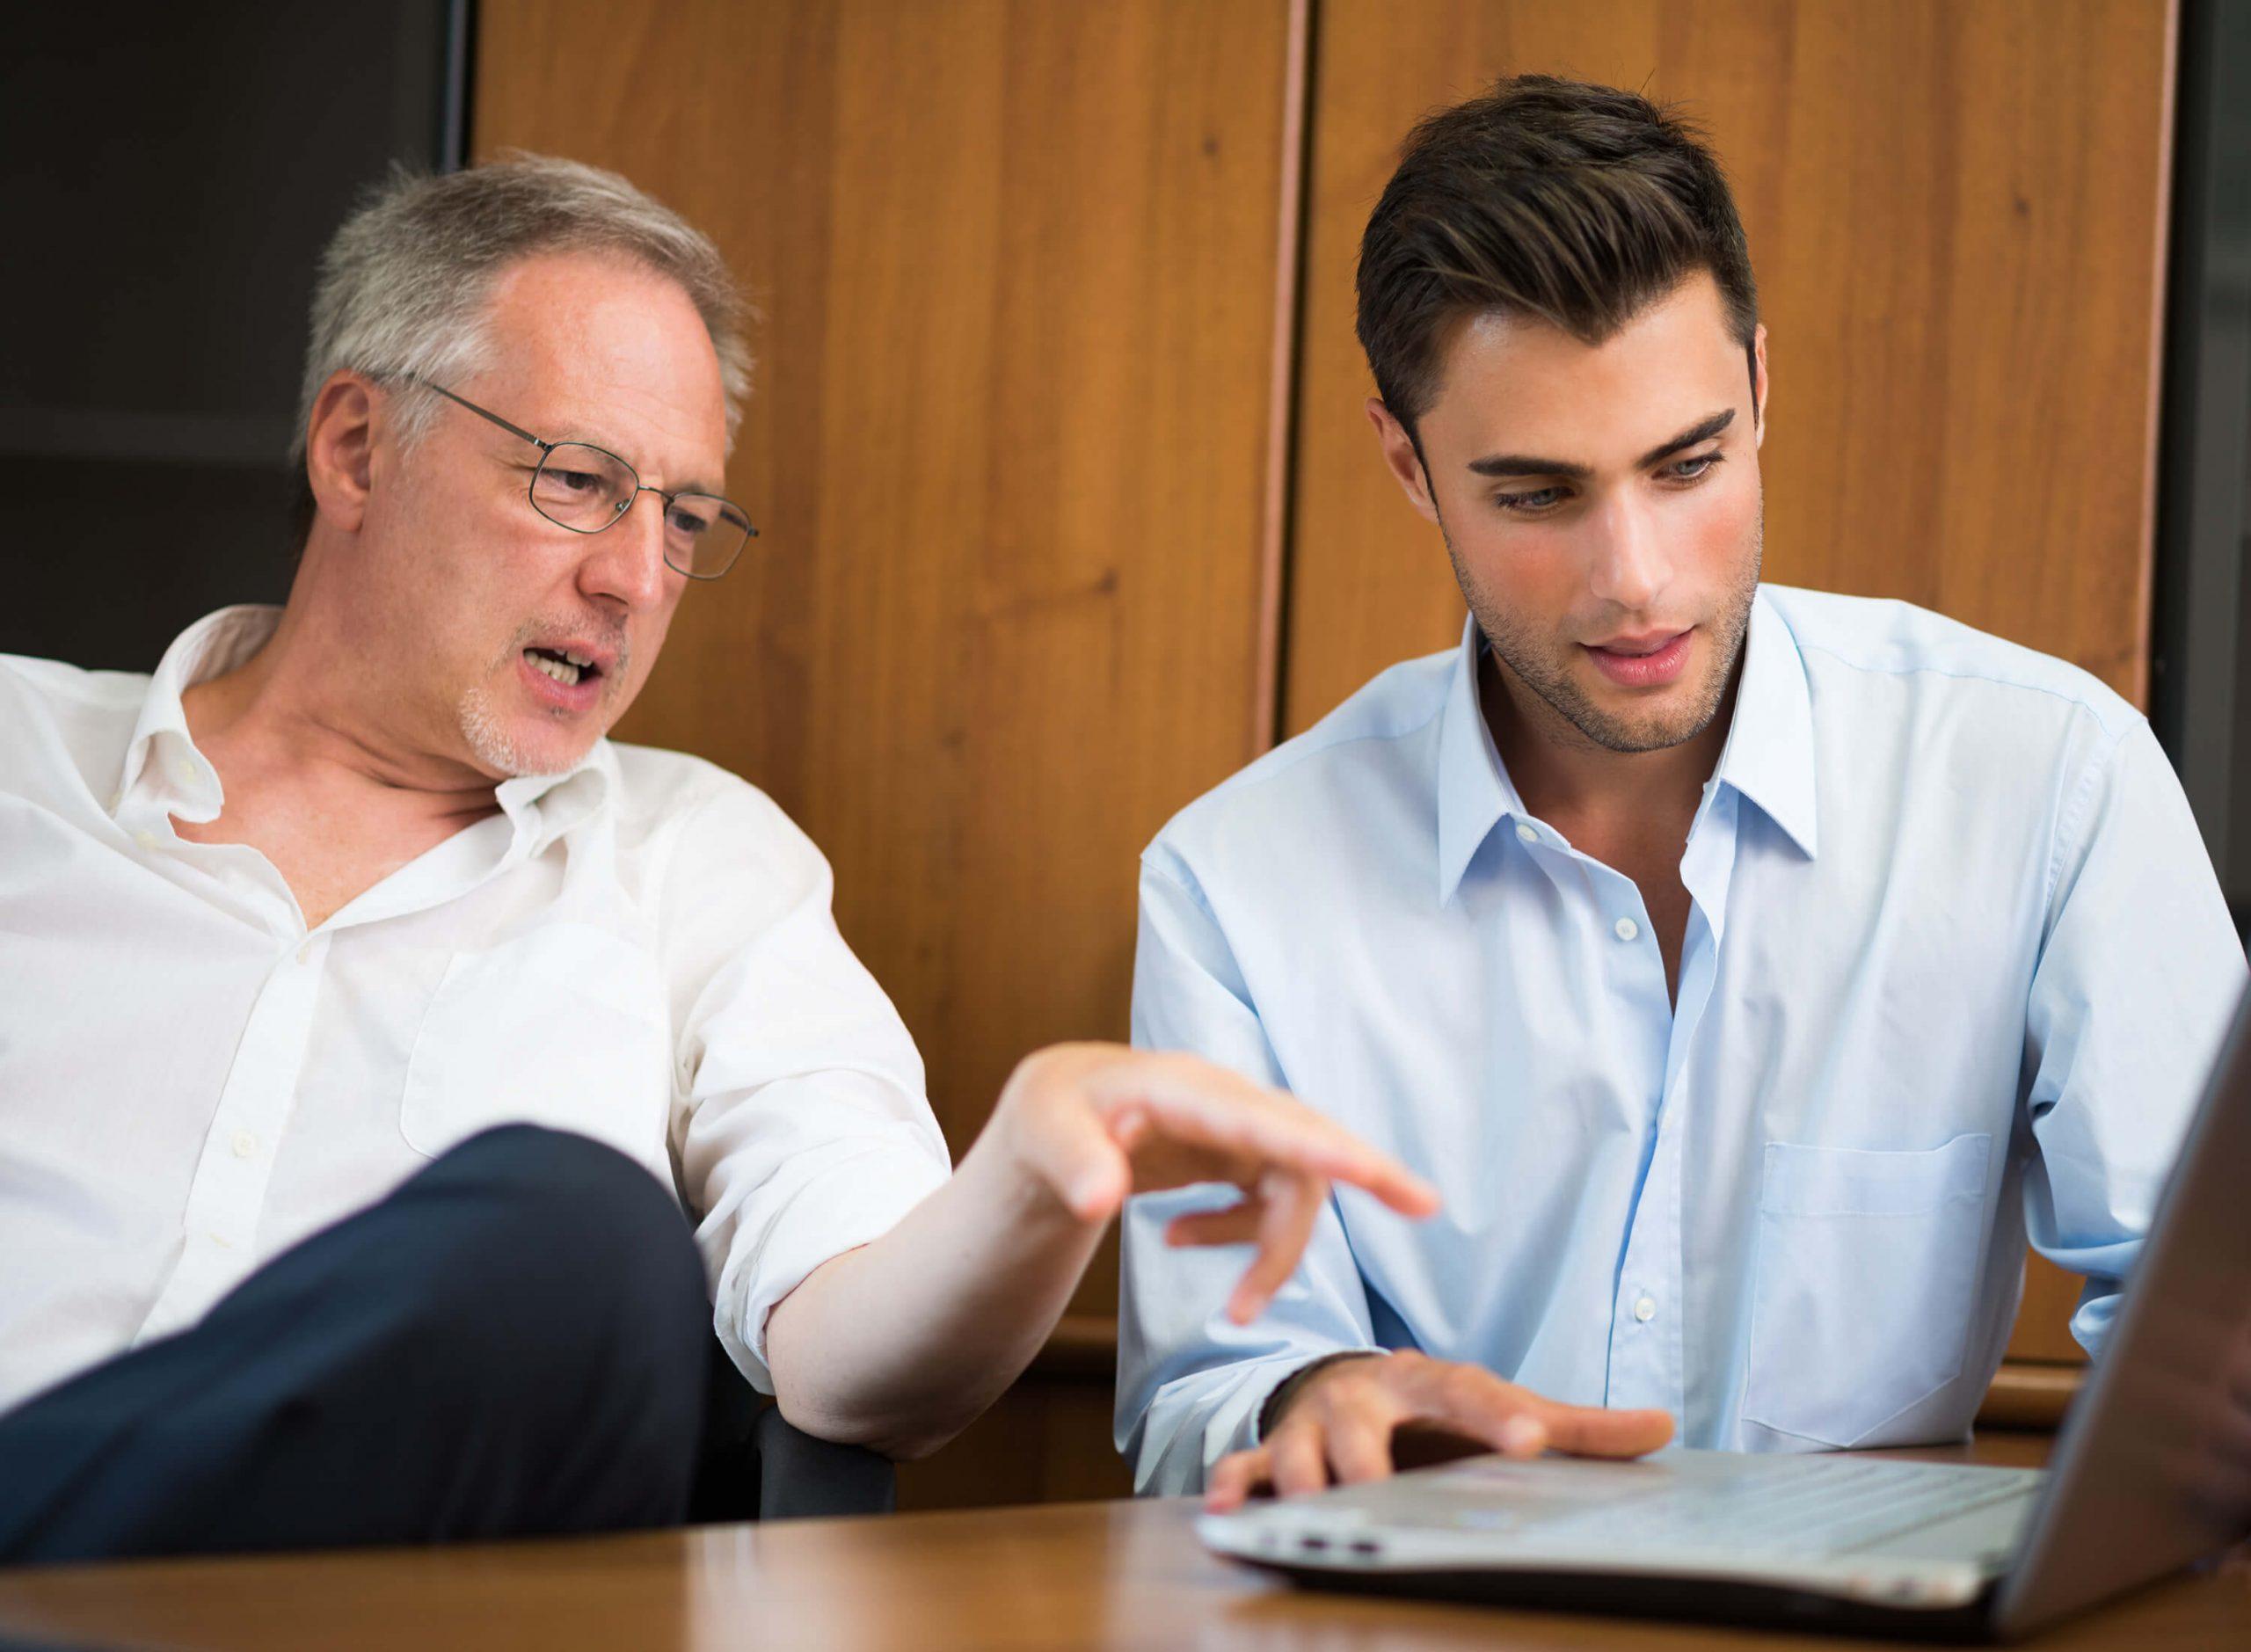 Tranzicija u obiteljskim poduzećima